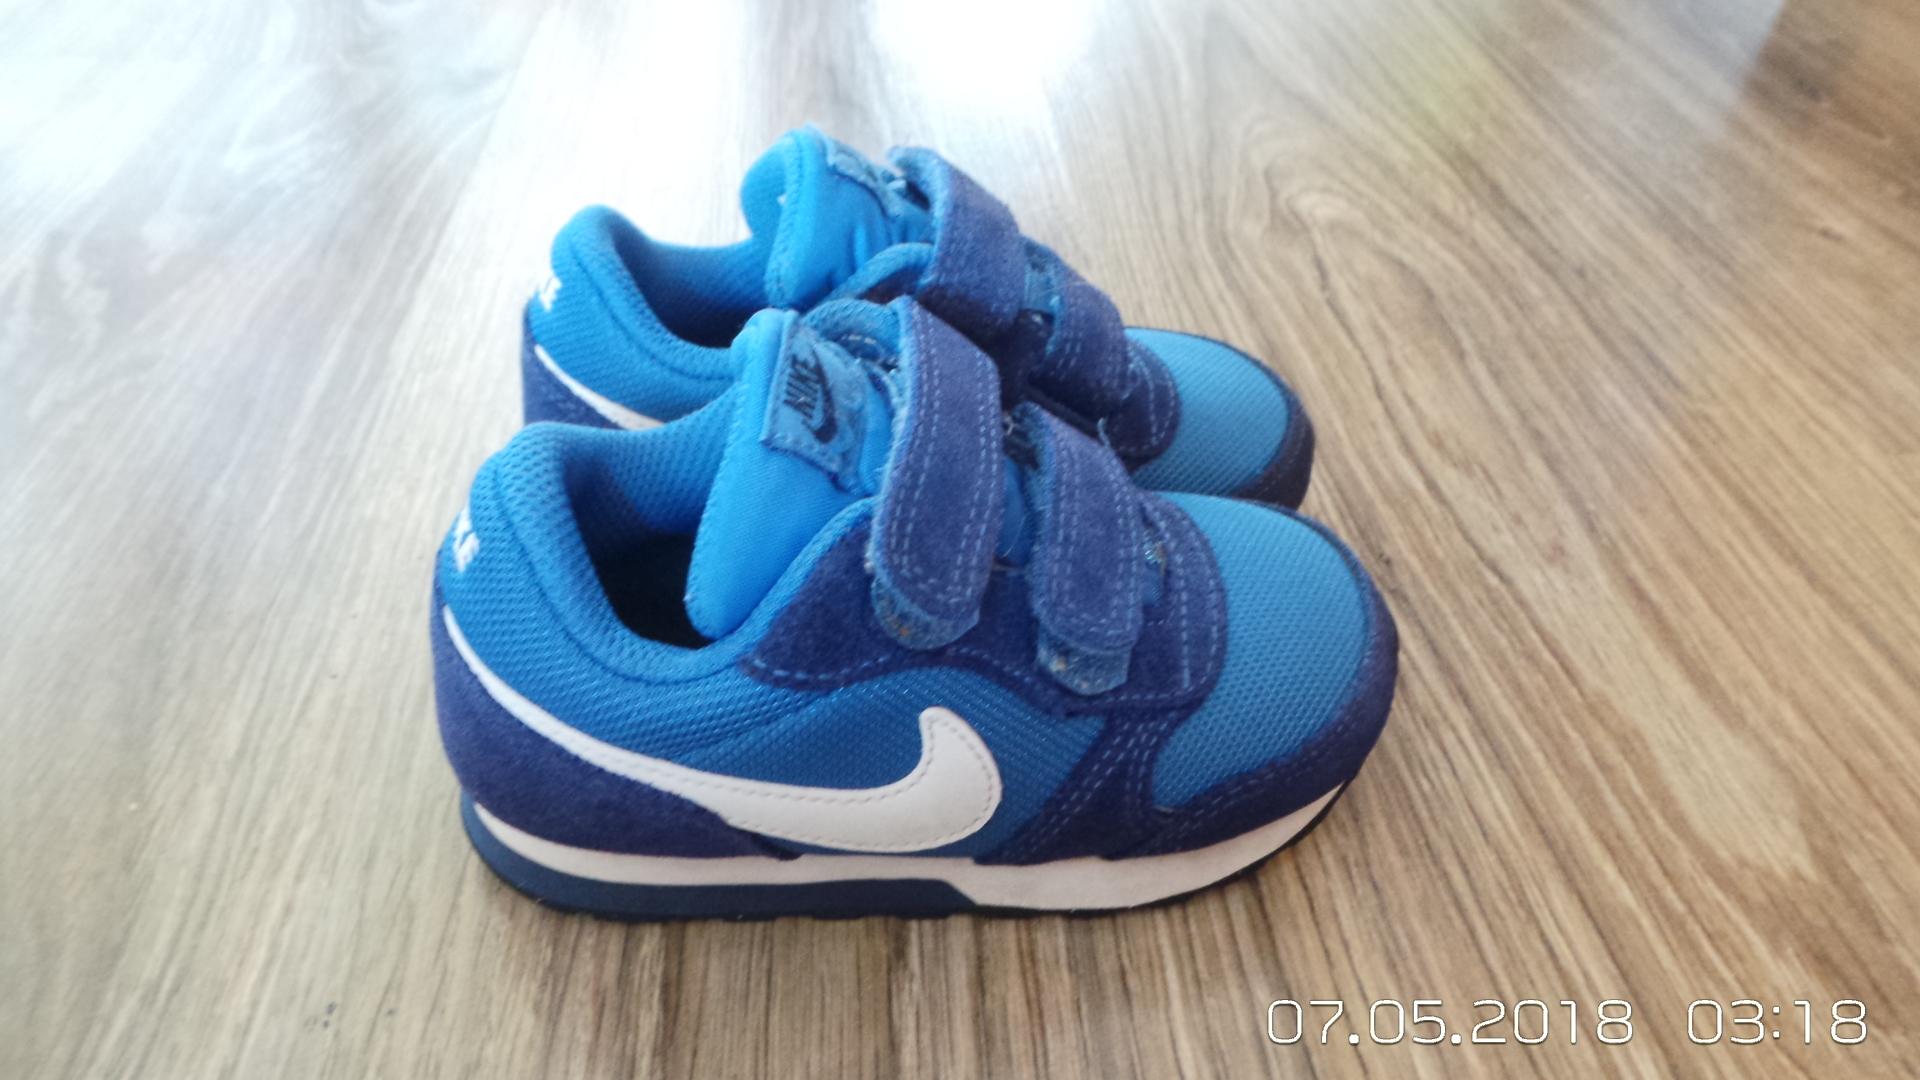 821d65fcf015f Nike trampki adidasy jak nowe 25 15 cm - 7356513997 - oficjalne ...